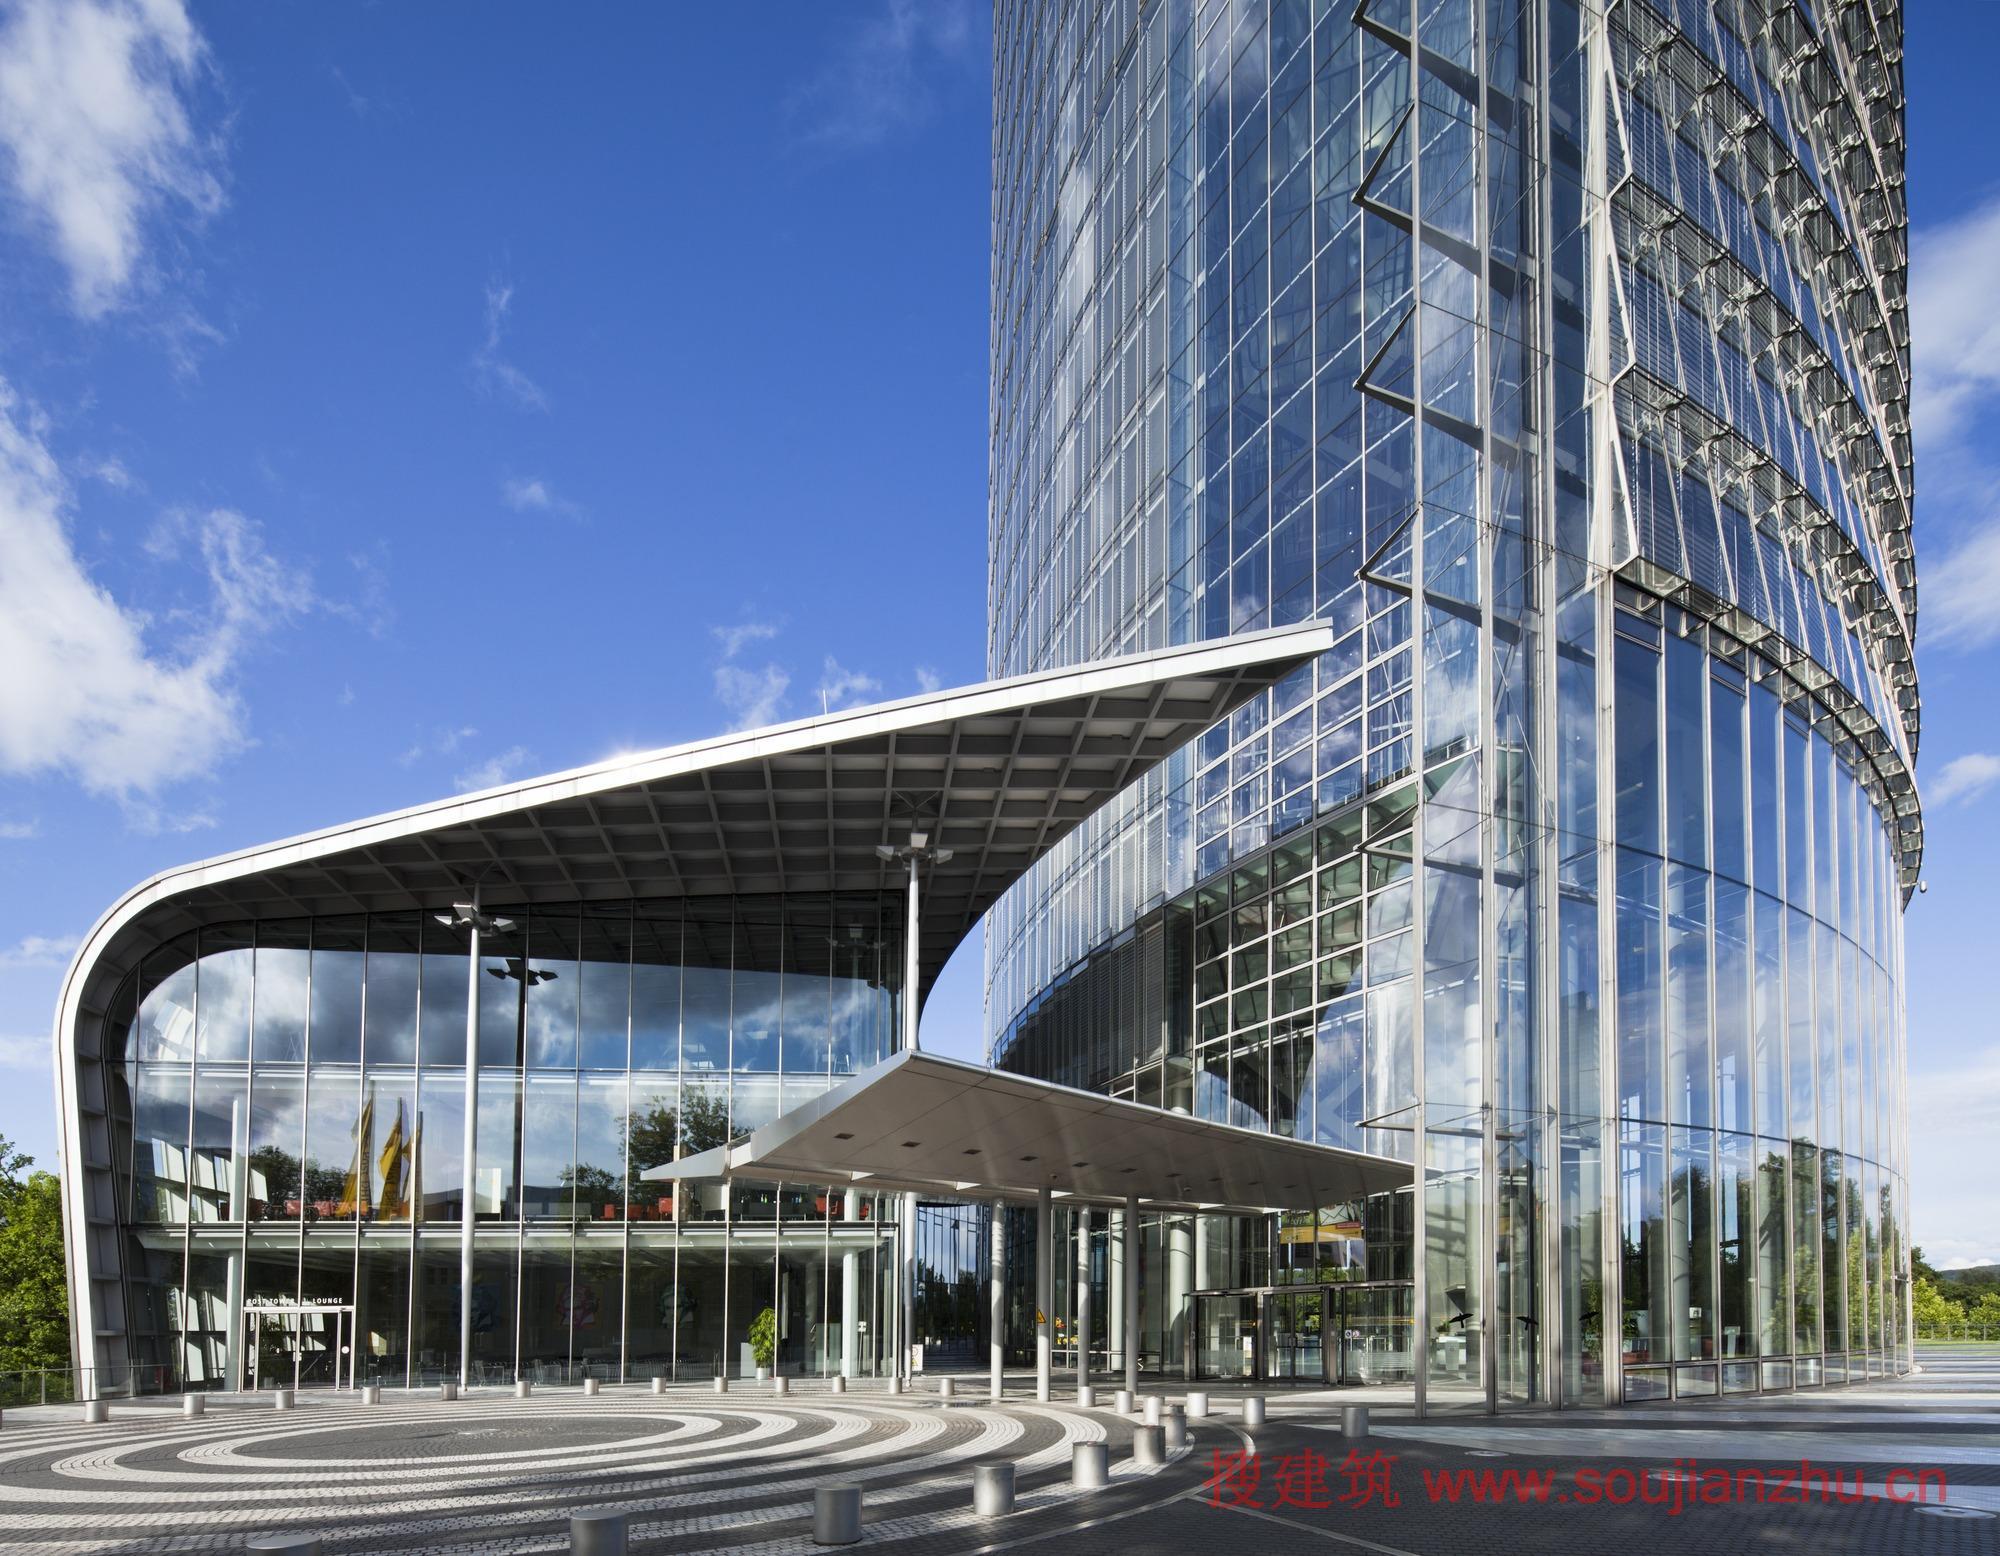 挣钱网_搜建筑网 -- 德国·邮政大厦获得高层建筑与都市住宅委员会10年奖 ...